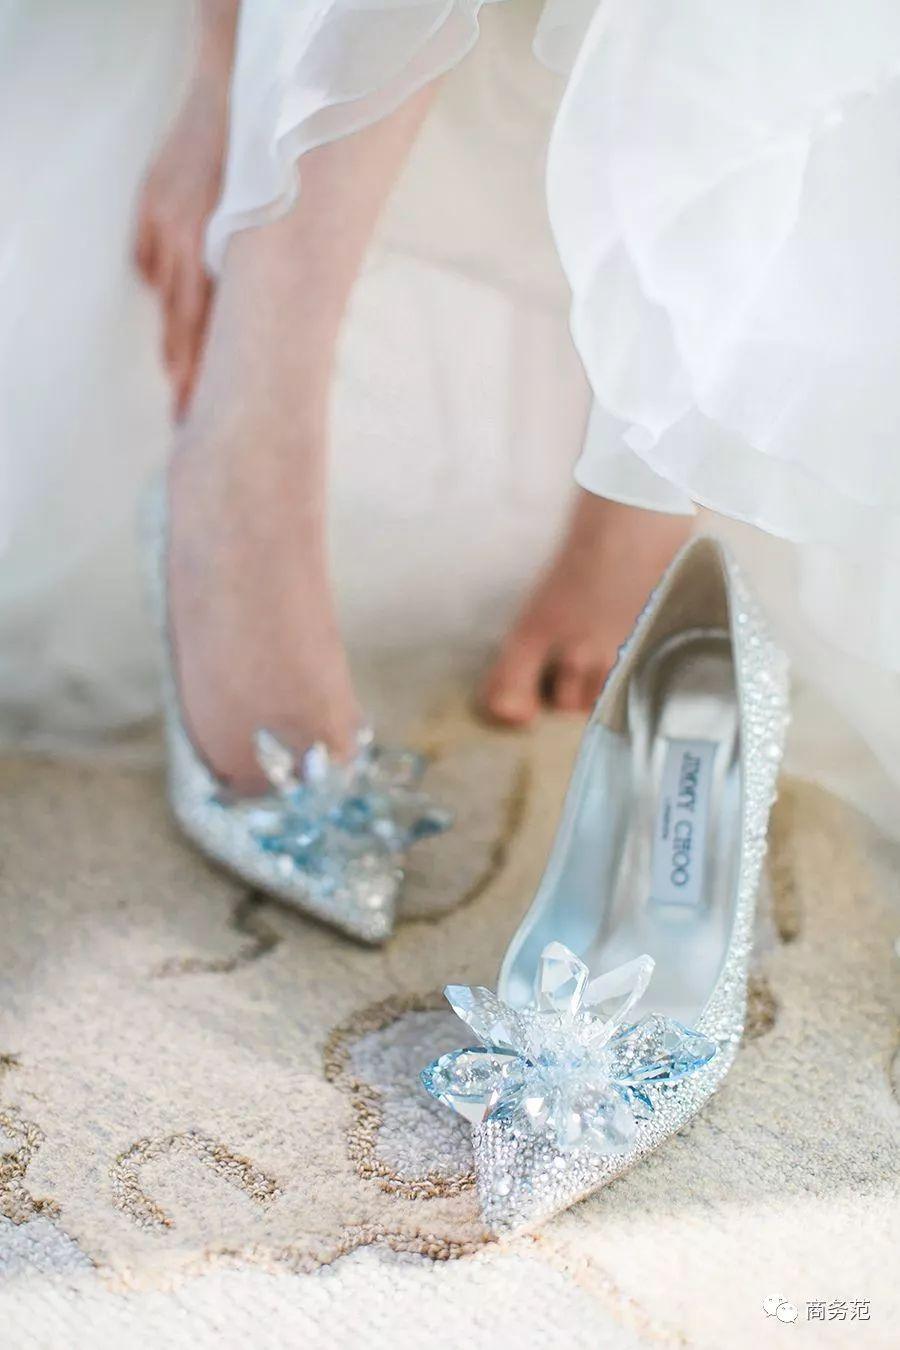 到底结婚要买几双鞋 这里有婚鞋购买最全指南